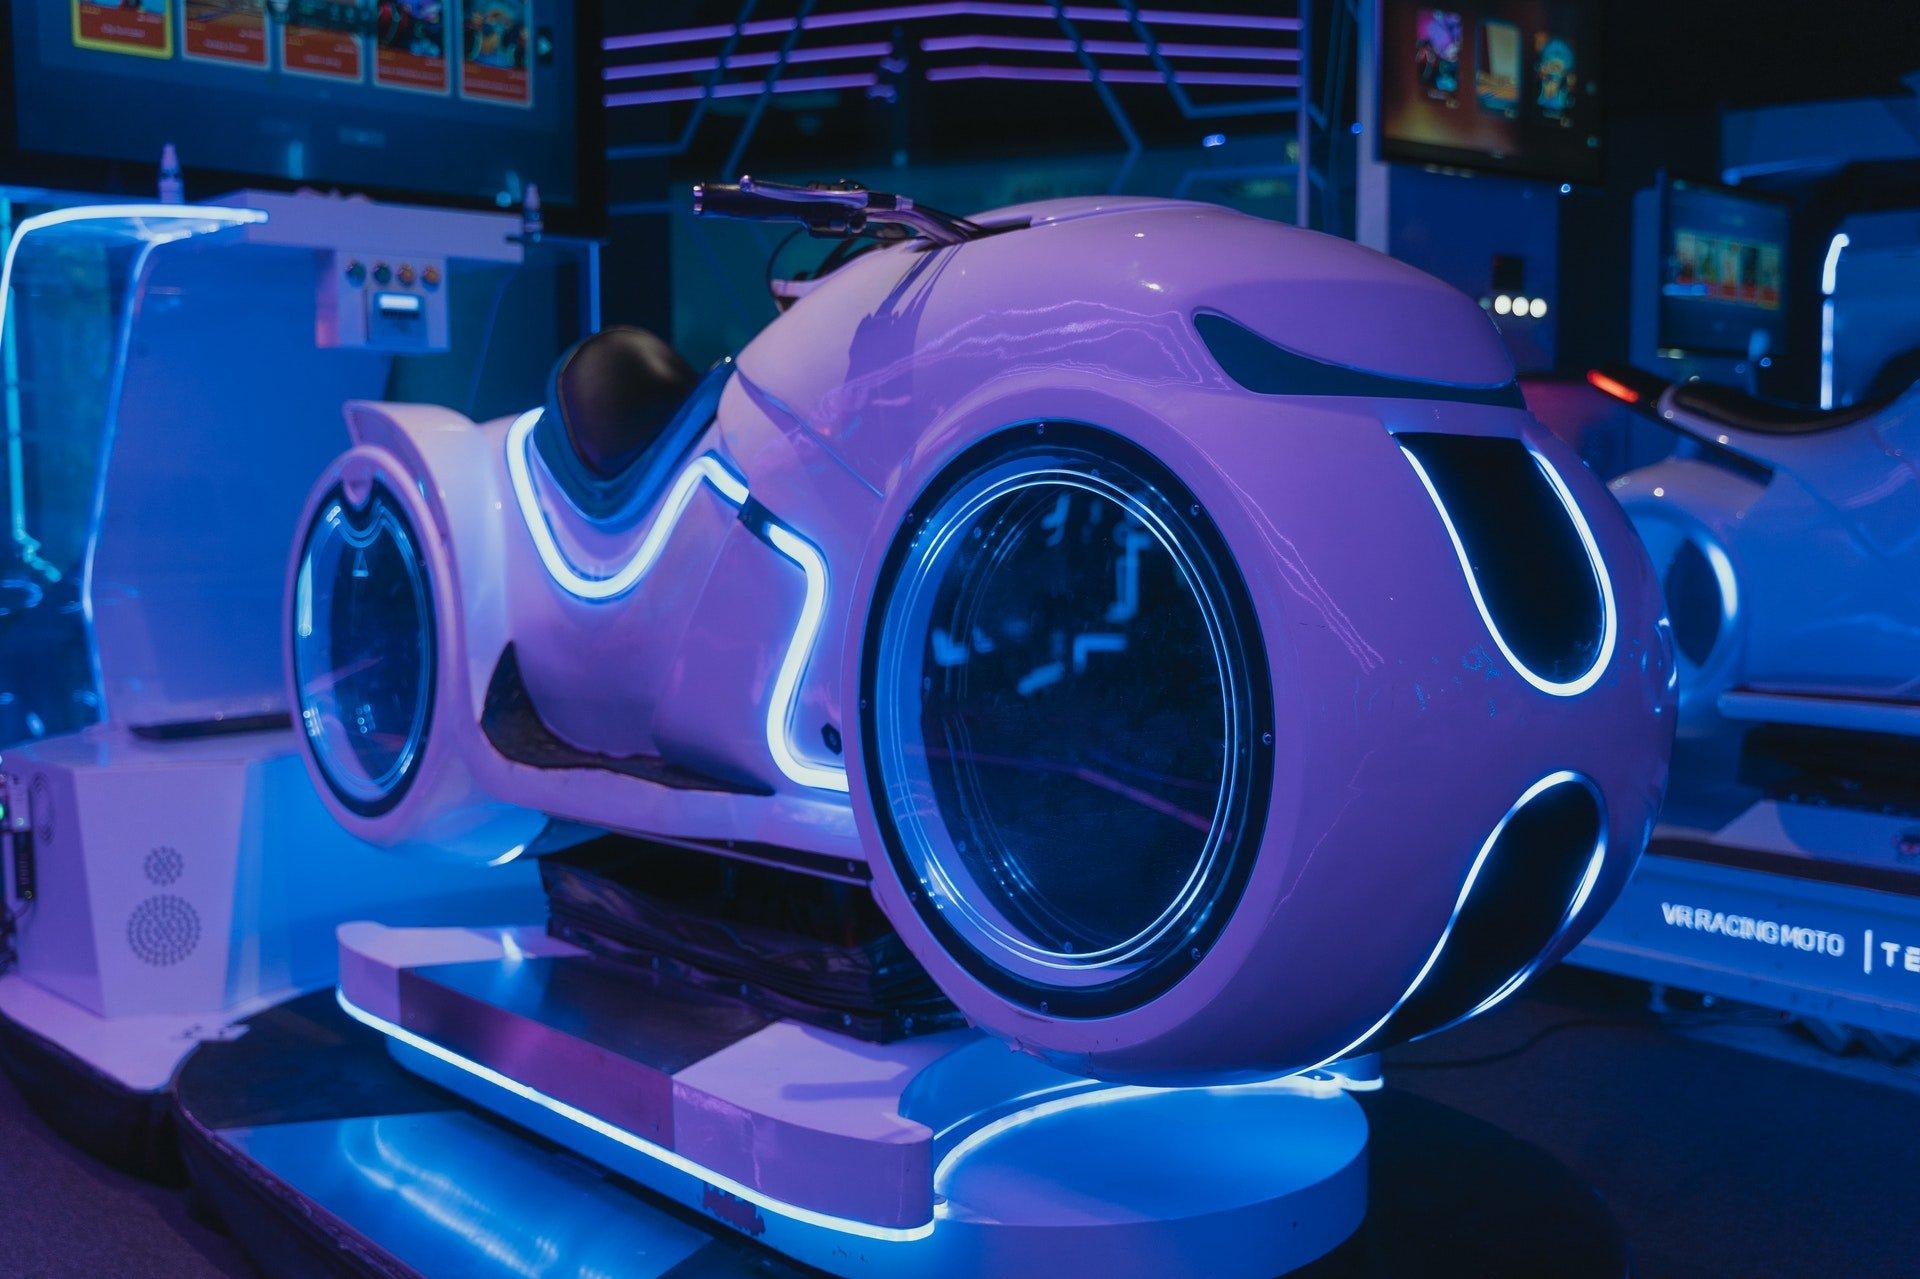 Futurisztikus motor prototípus